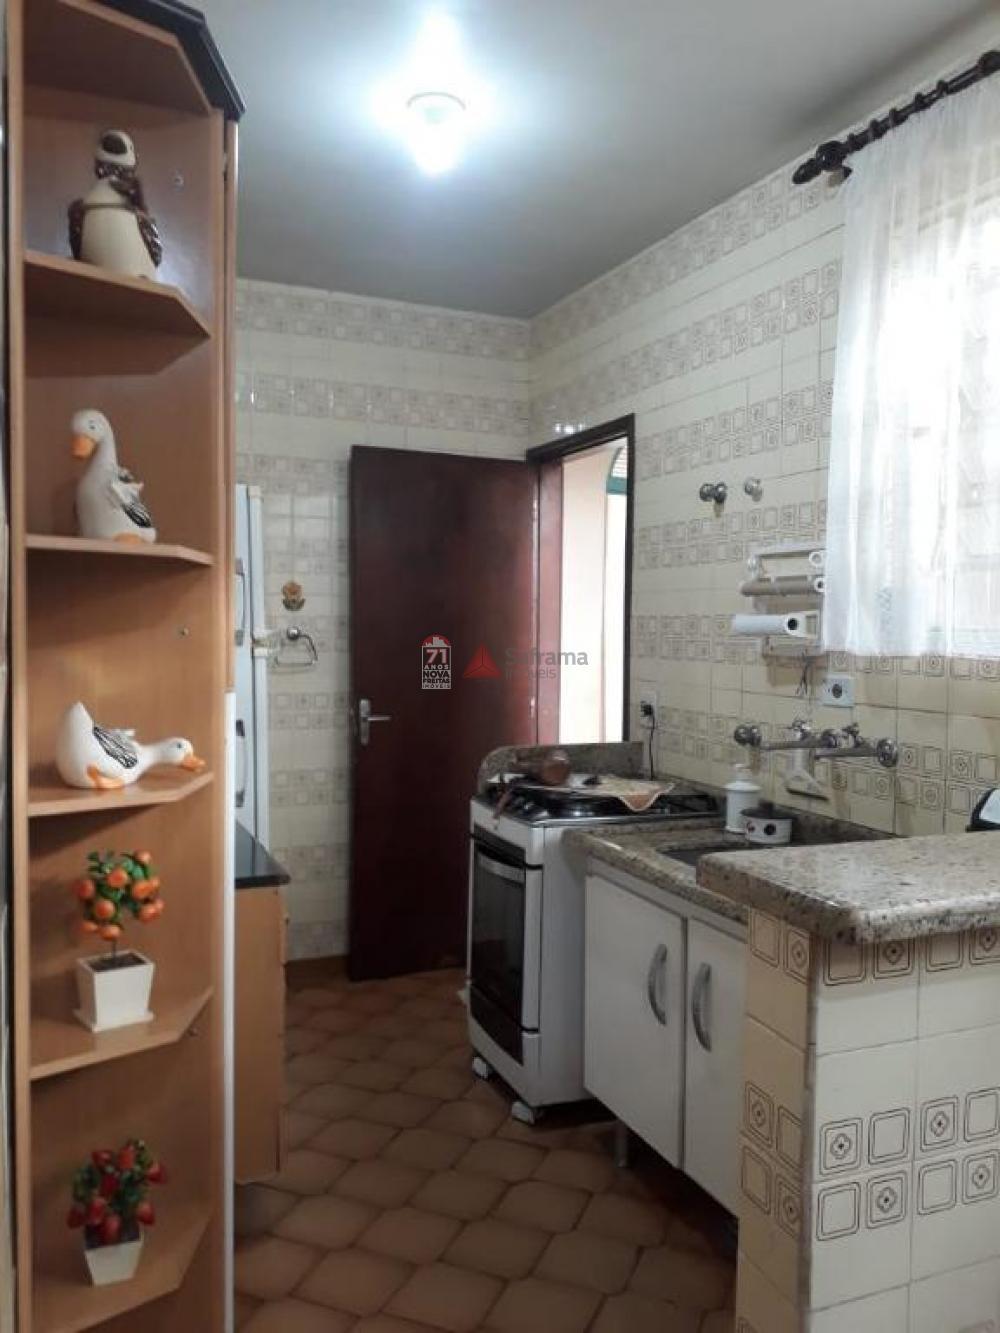 Comprar Casa / Padrão em São José dos Campos R$ 600.000,00 - Foto 7